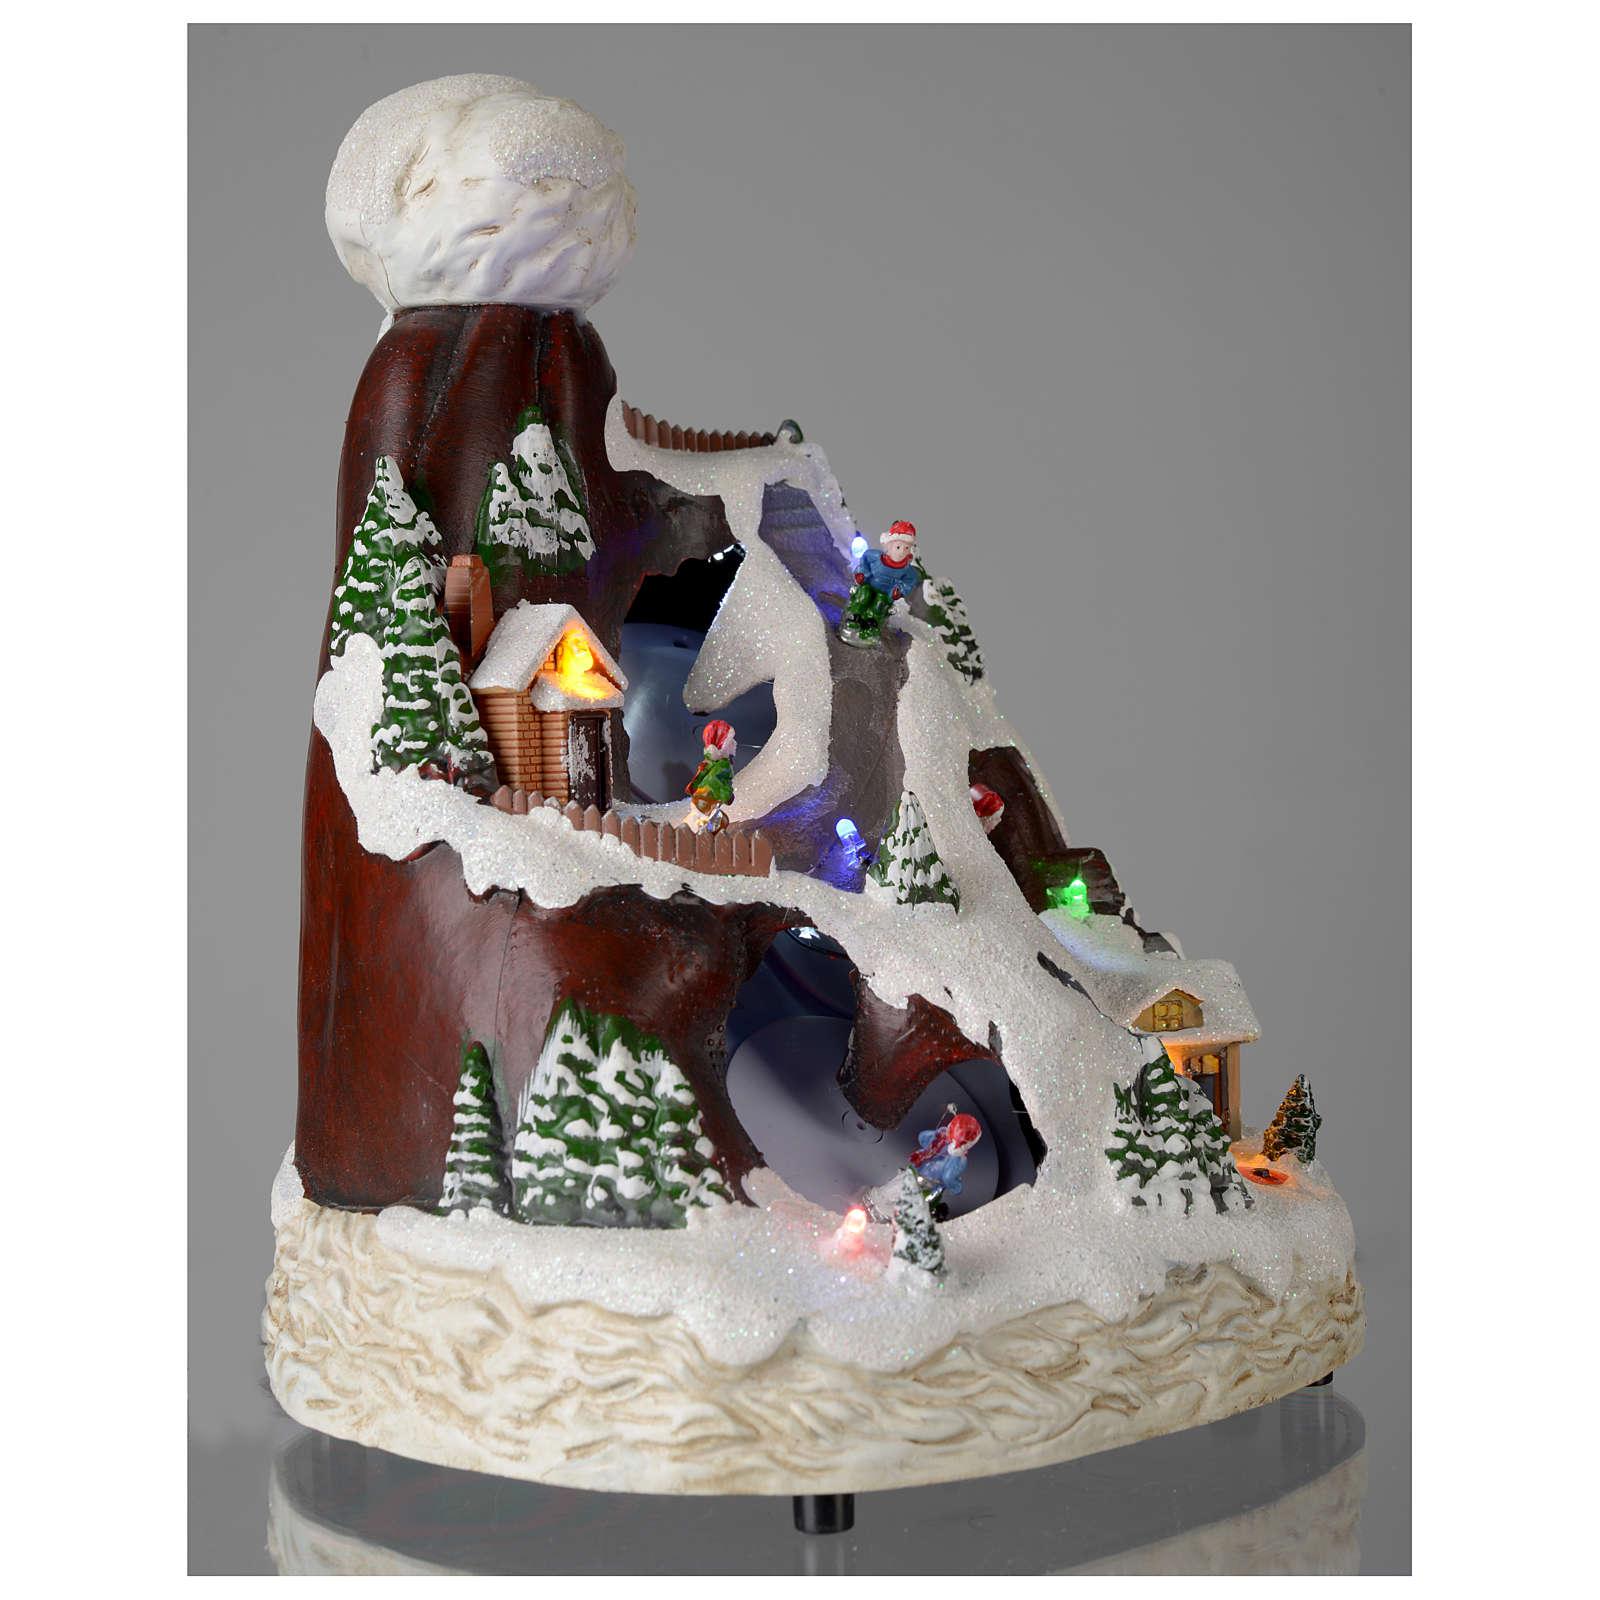 Aldea navideña sombrero luces musical movimiento esquiadores 24x19x19 cm 3